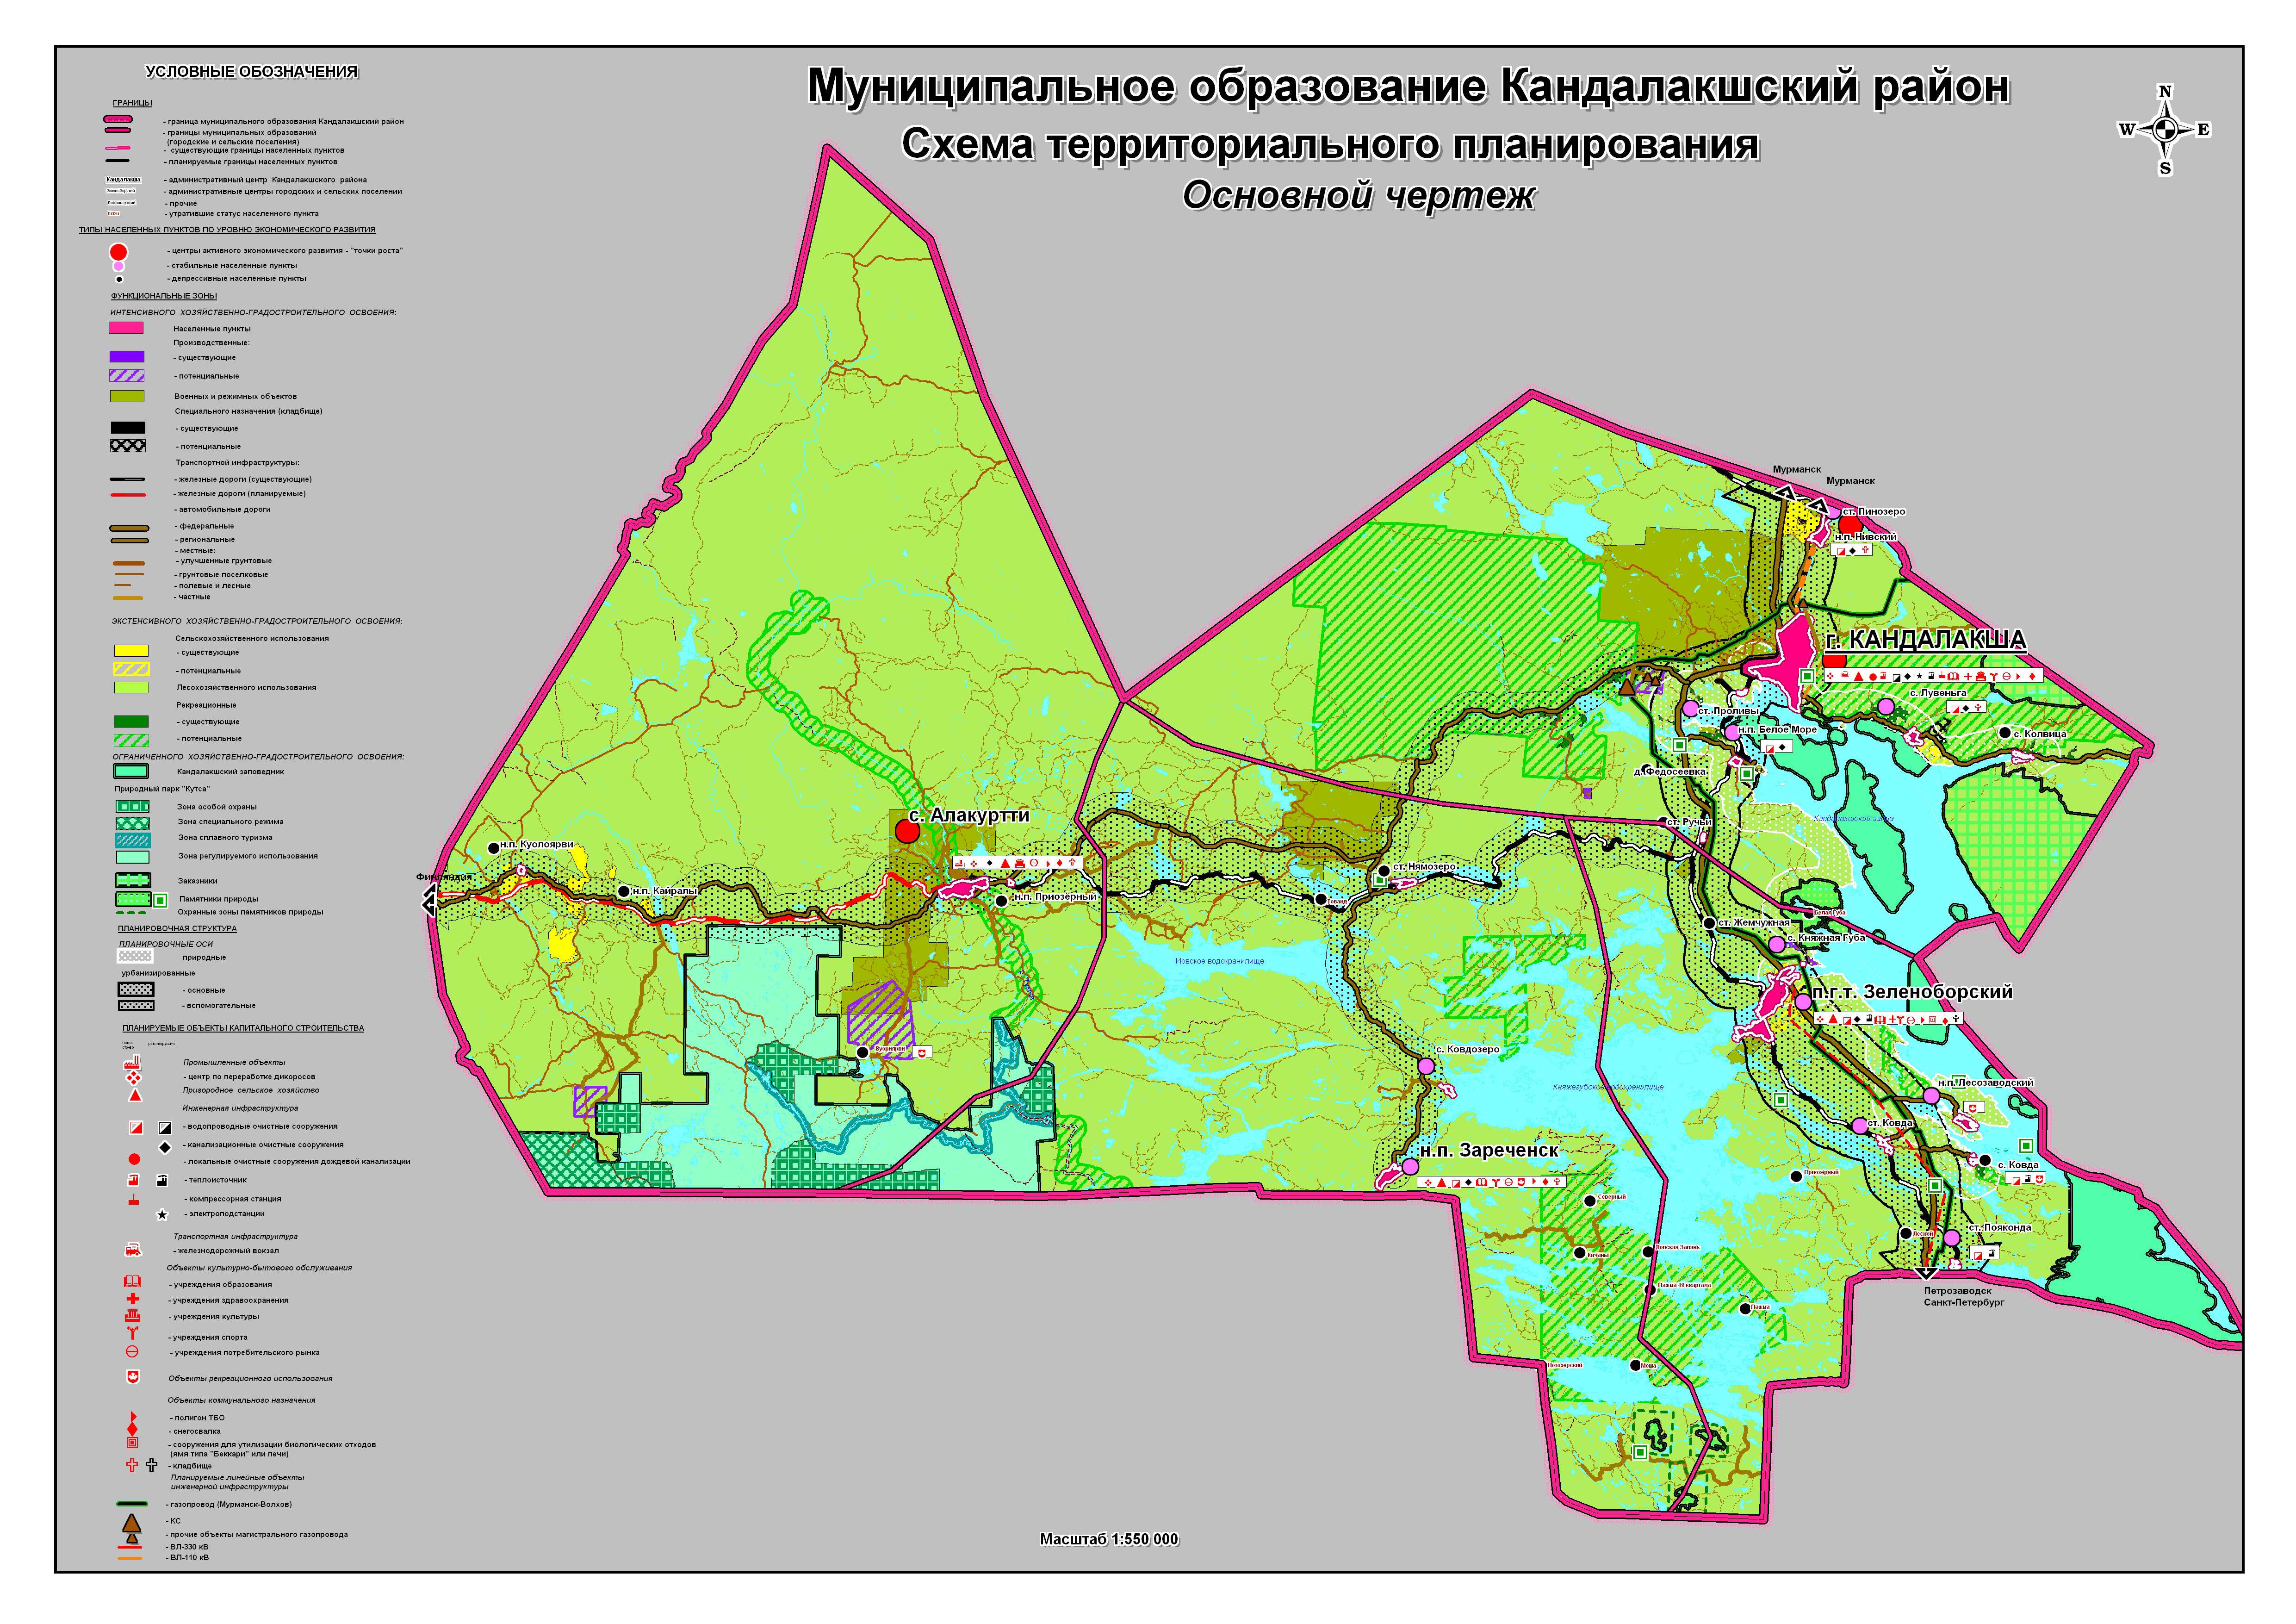 Конкурс по разработке схем территориального планирования